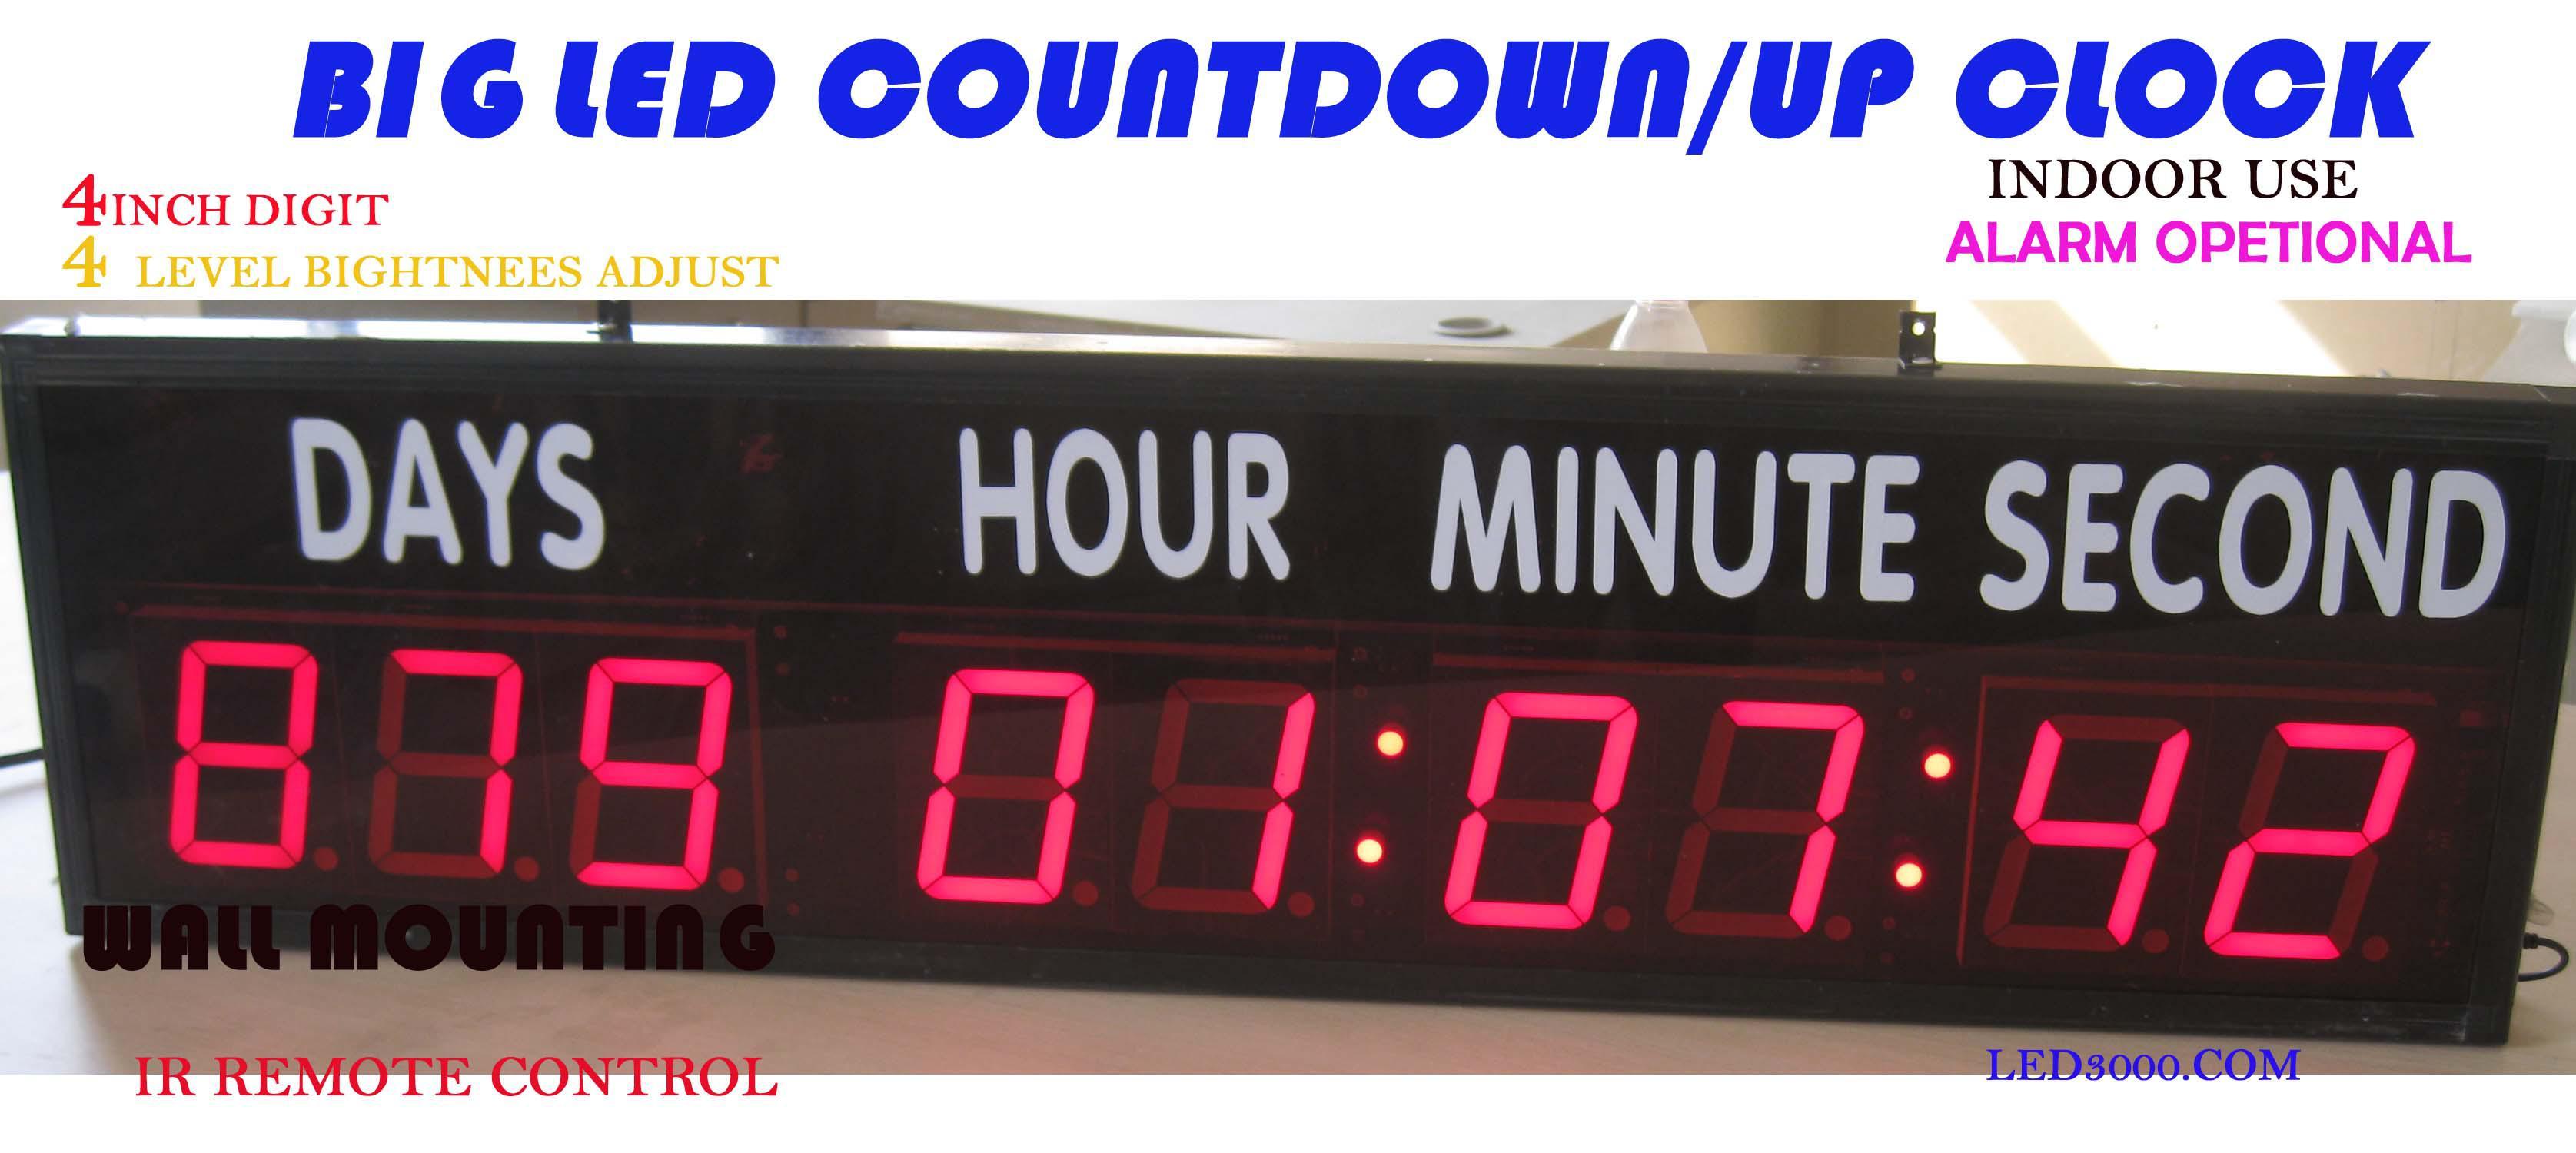 Stora storlekar dagar, timmar och sekunder nedräkning / upp klock LED Timer Aktiviteter, Forskning och utveckling Produktion Mål C Gratis frakt